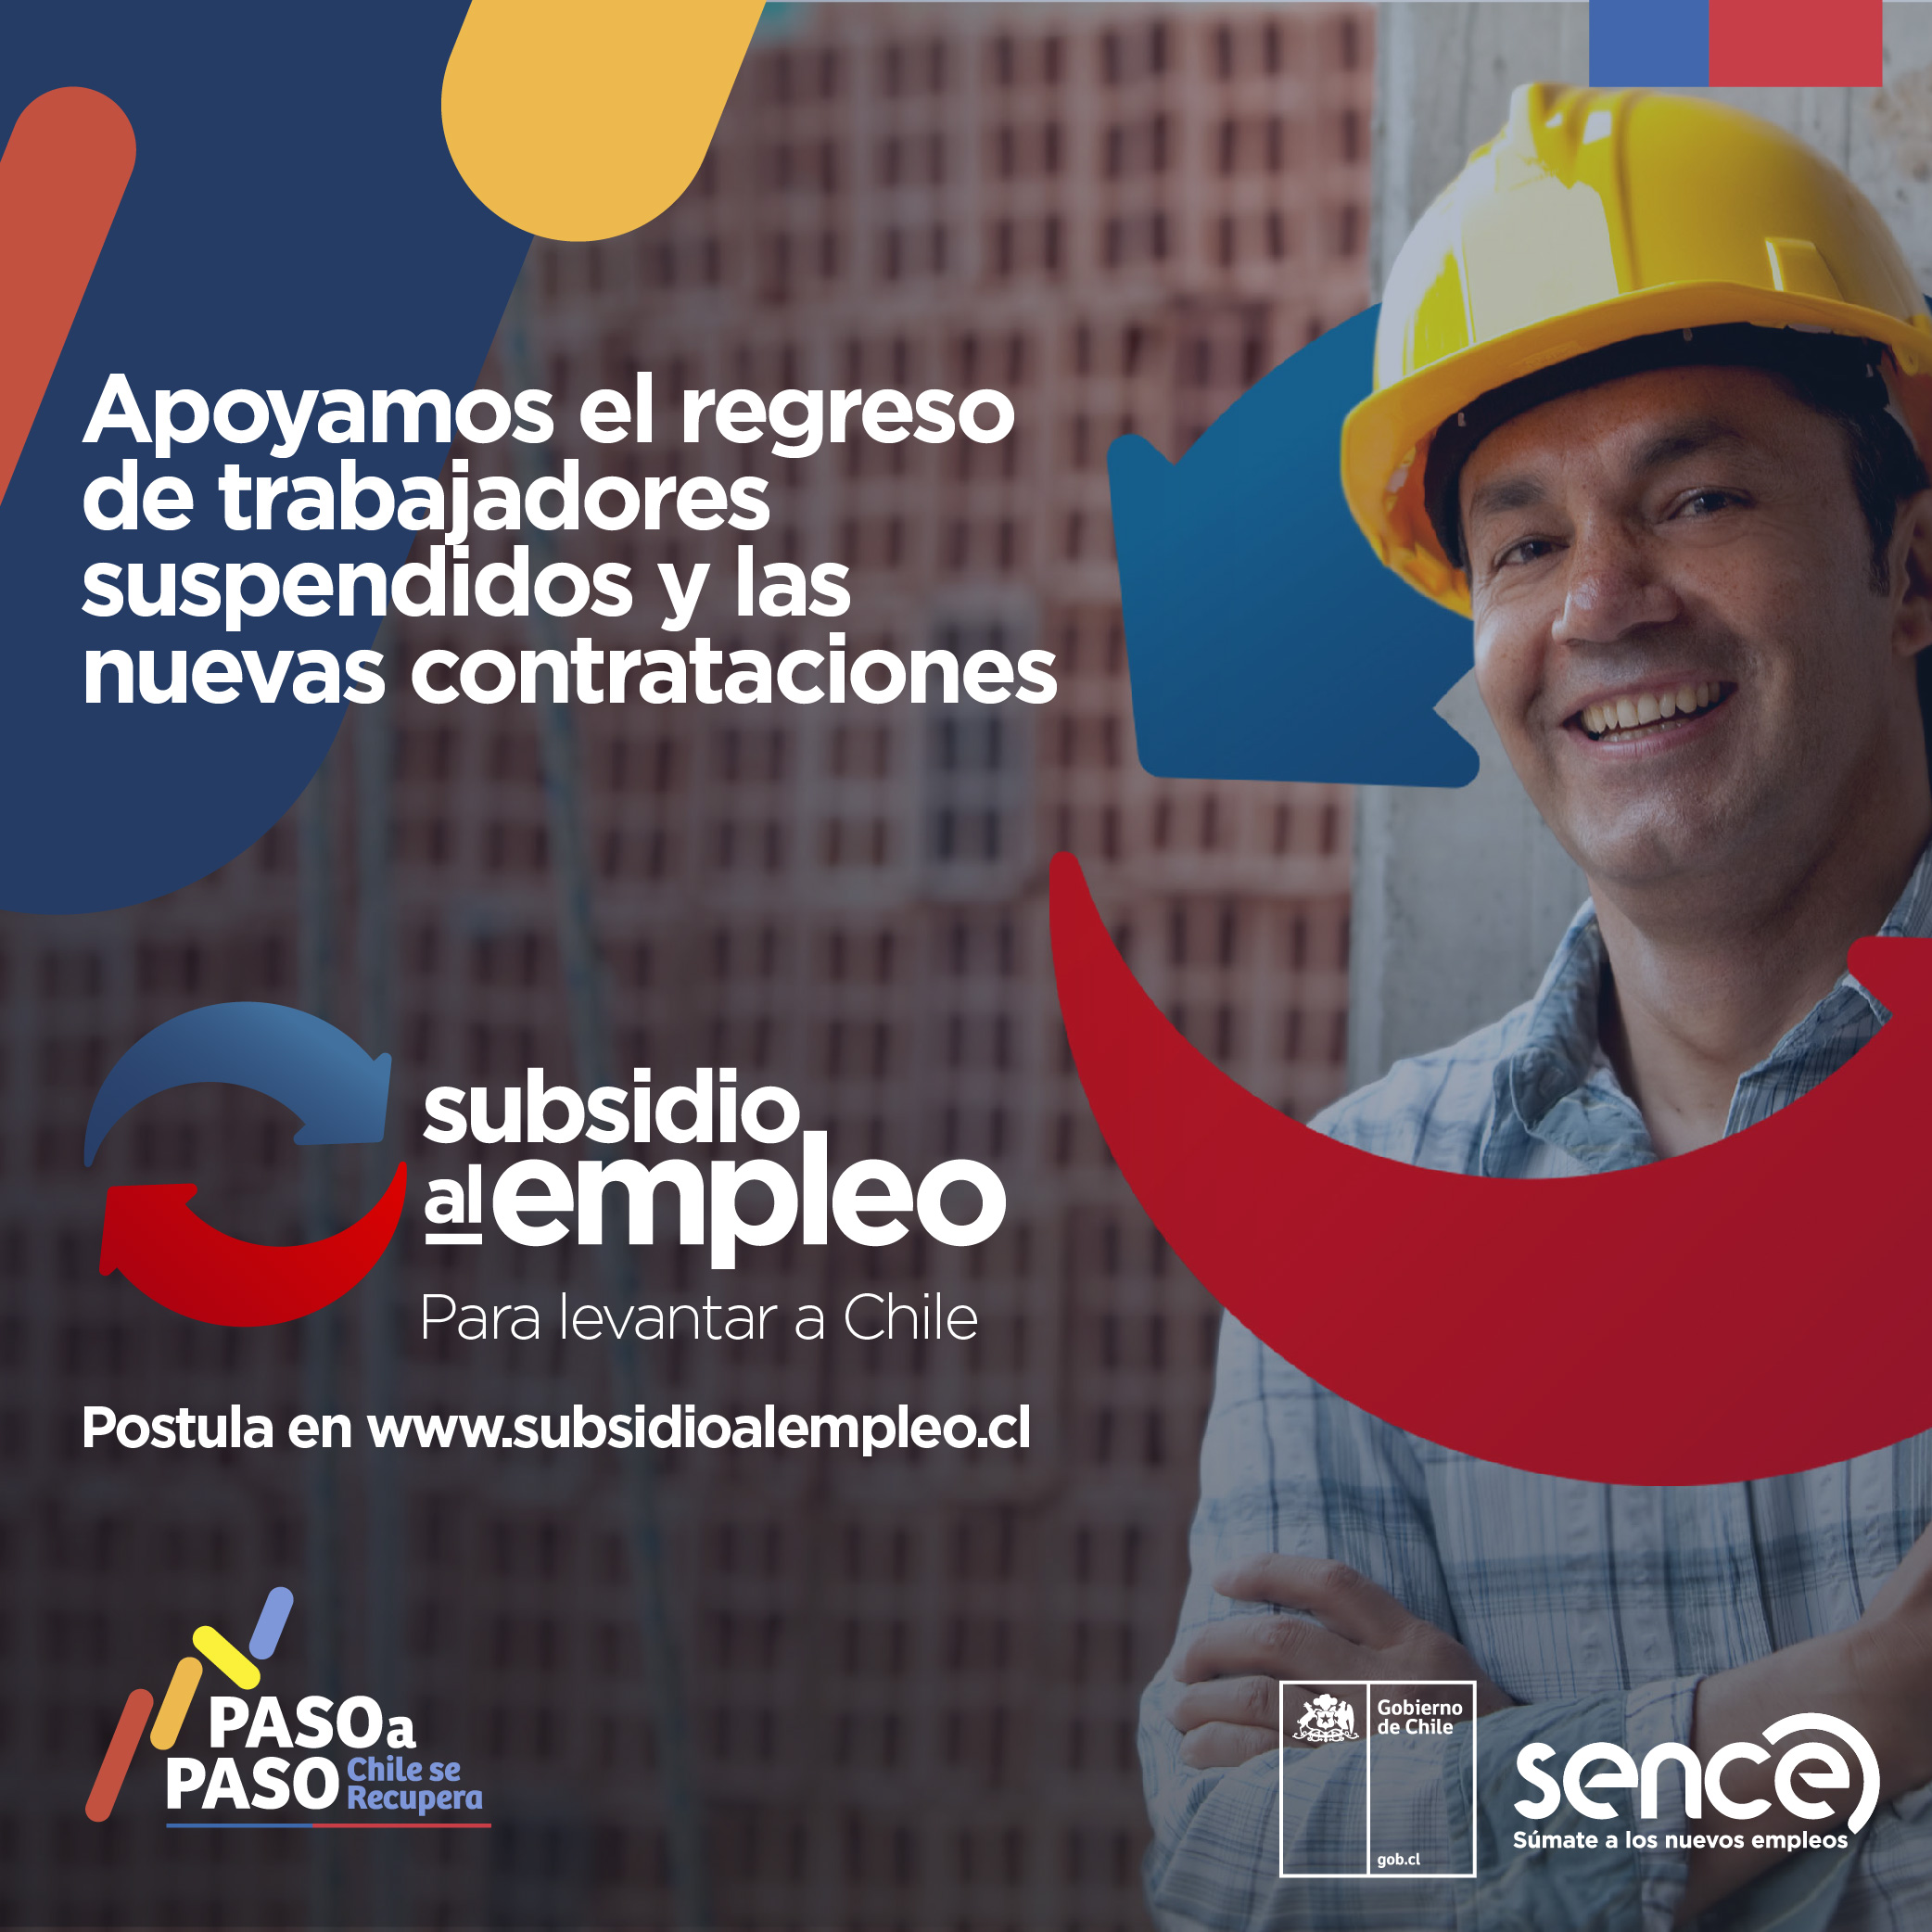 En Magallanes tenemos 775 empresas que han postulado al Subsidio al Empleo beneficiando a más 3000 trabajadores